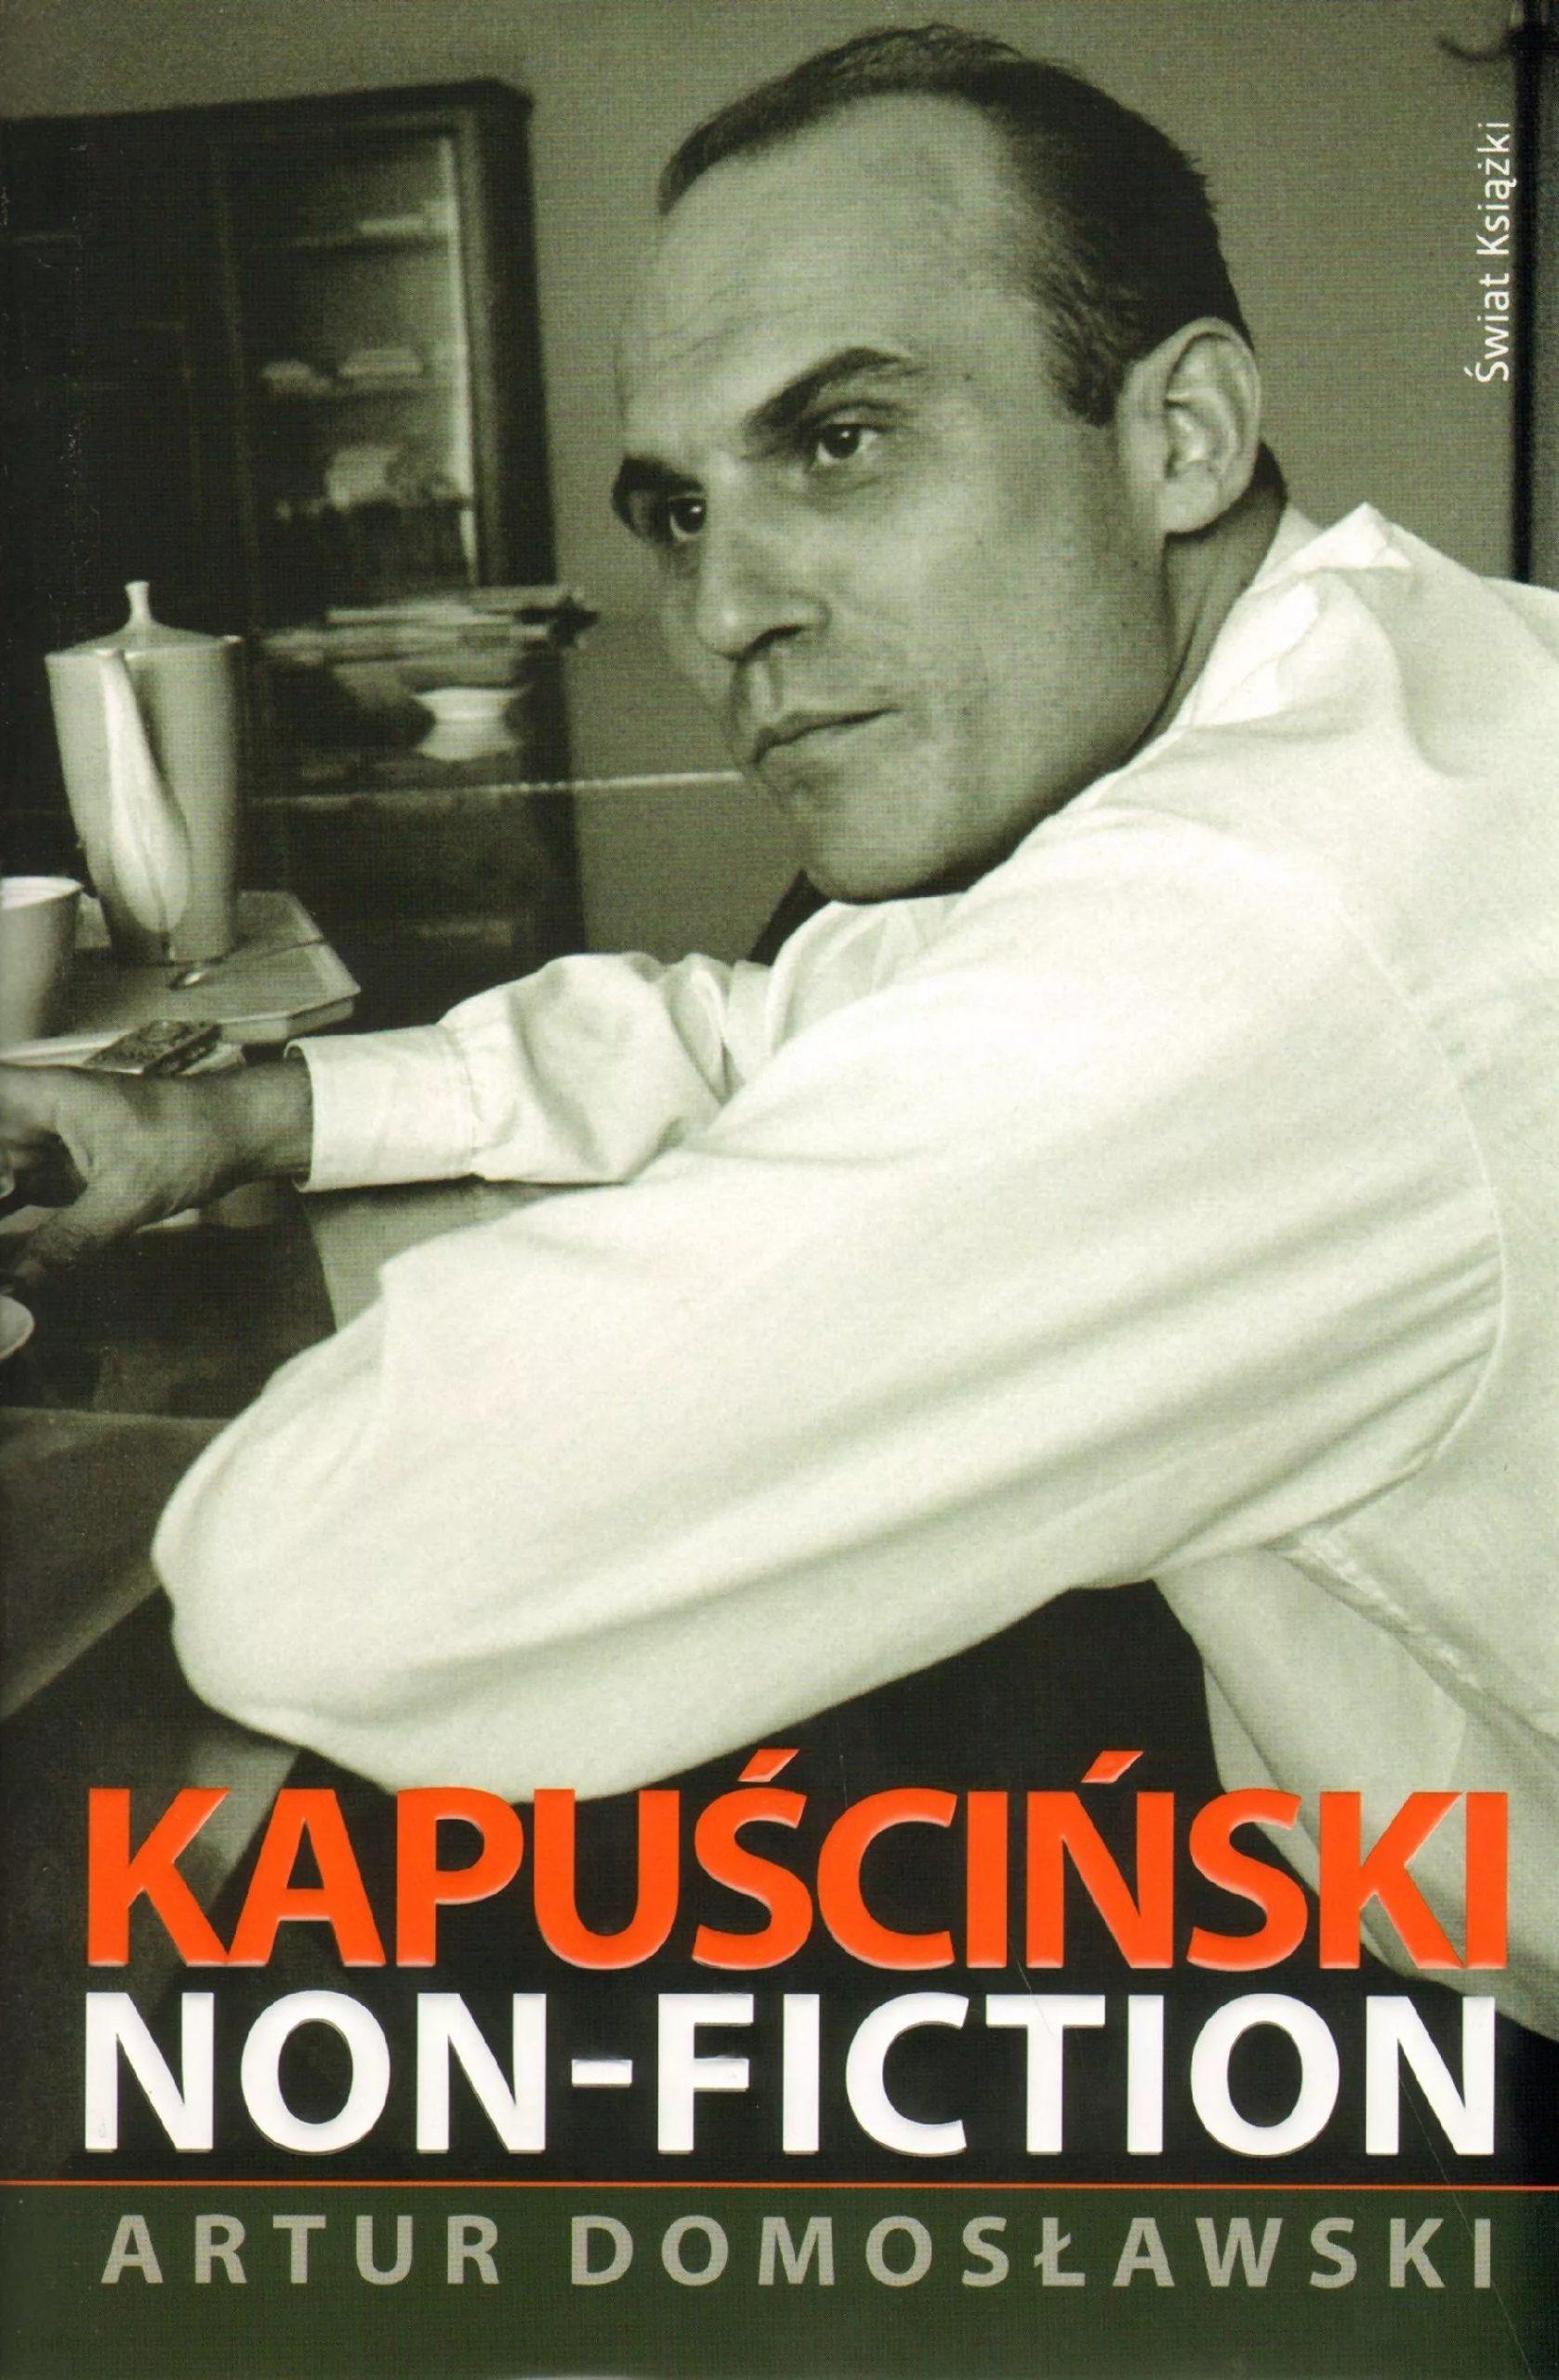 kapuscinski-non-fiction